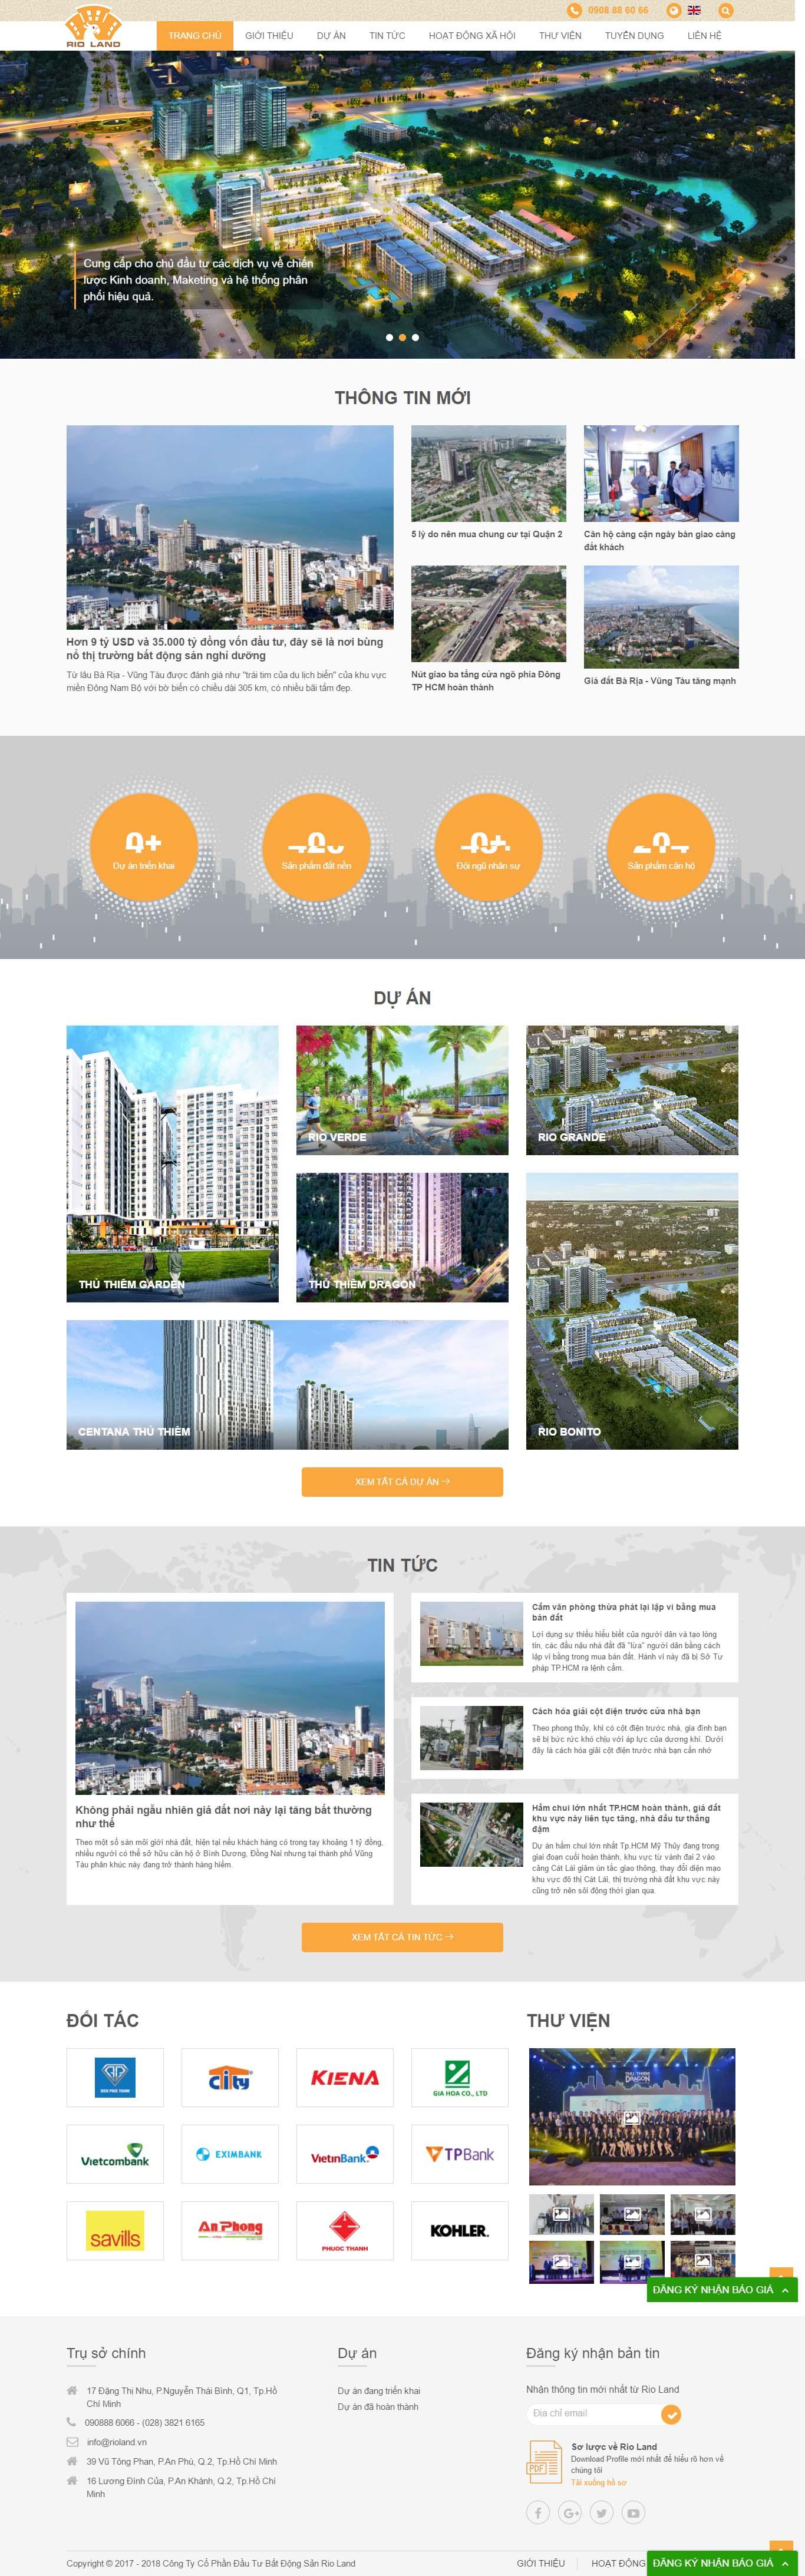 Mẫu Web bất động sản / D0179